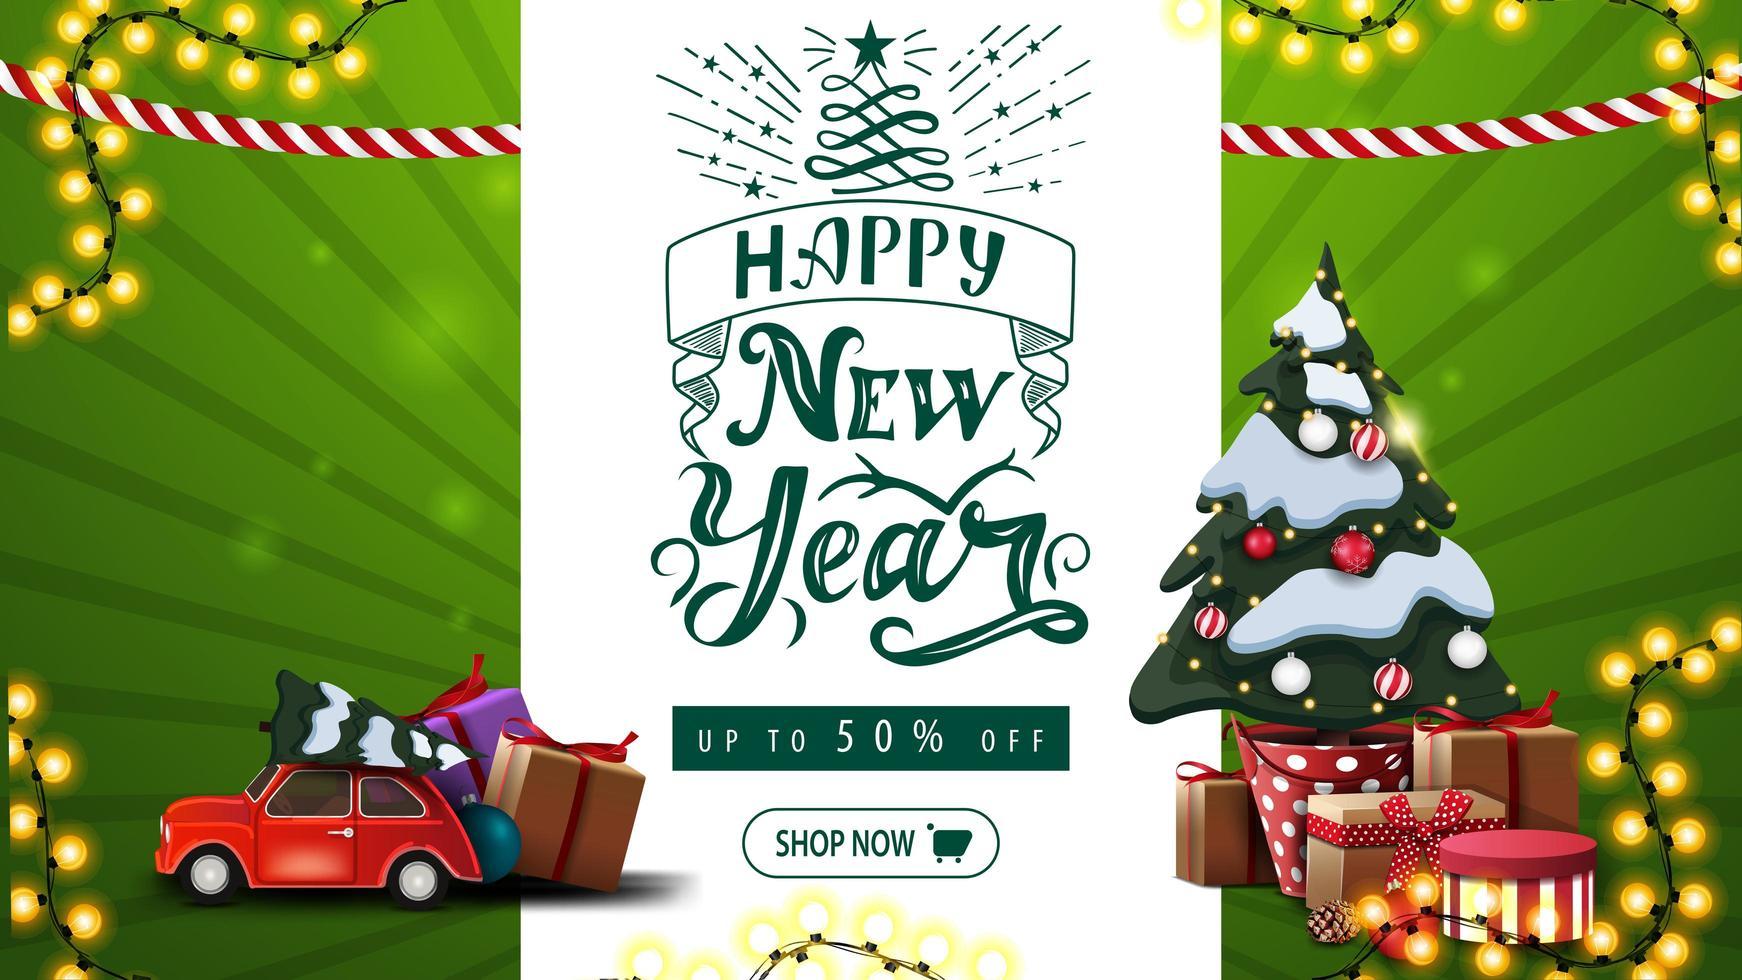 bonne année, jusqu'à 50 de réduction, voeux vert et bannière de réduction avec beau lettrage, guirlandes, arbre de Noël dans un pot avec des cadeaux et voiture vintage rouge portant un arbre de Noël vecteur